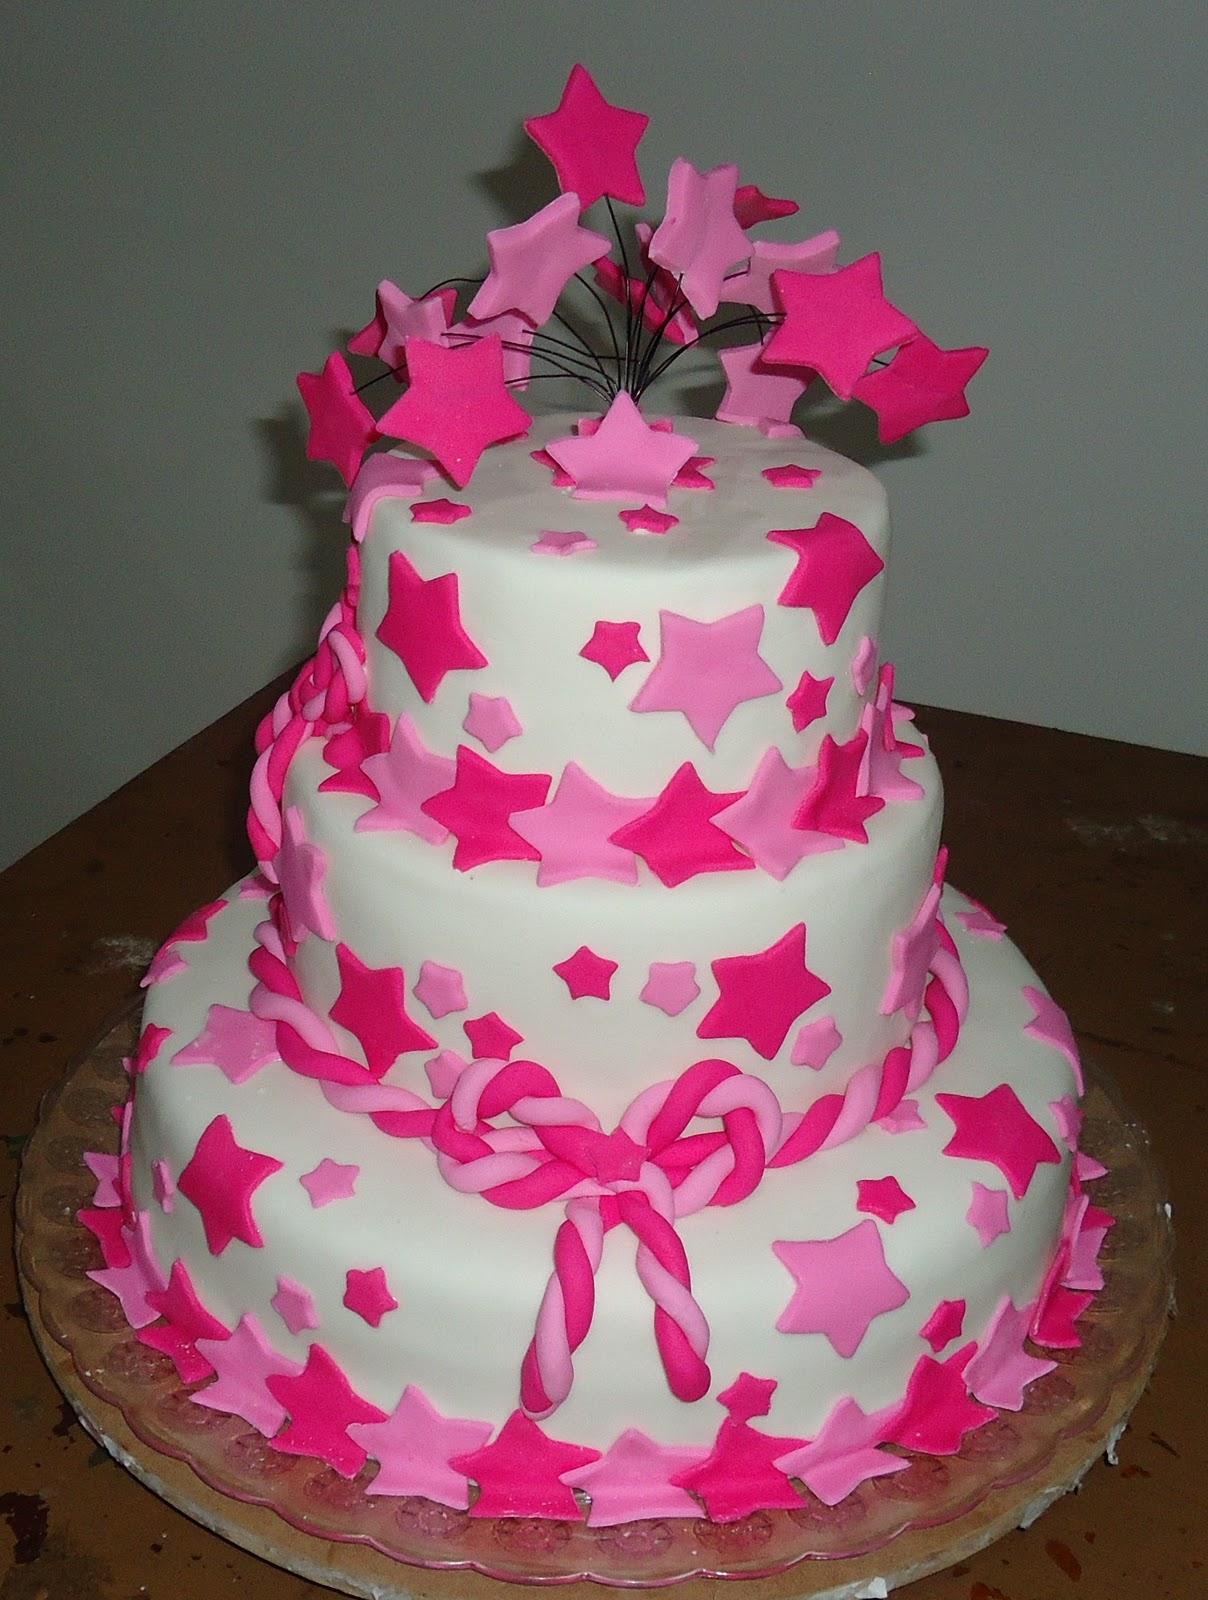 Ateli de bolos rosa de saron bolo de 15anos bolo de 15anos thecheapjerseys Choice Image